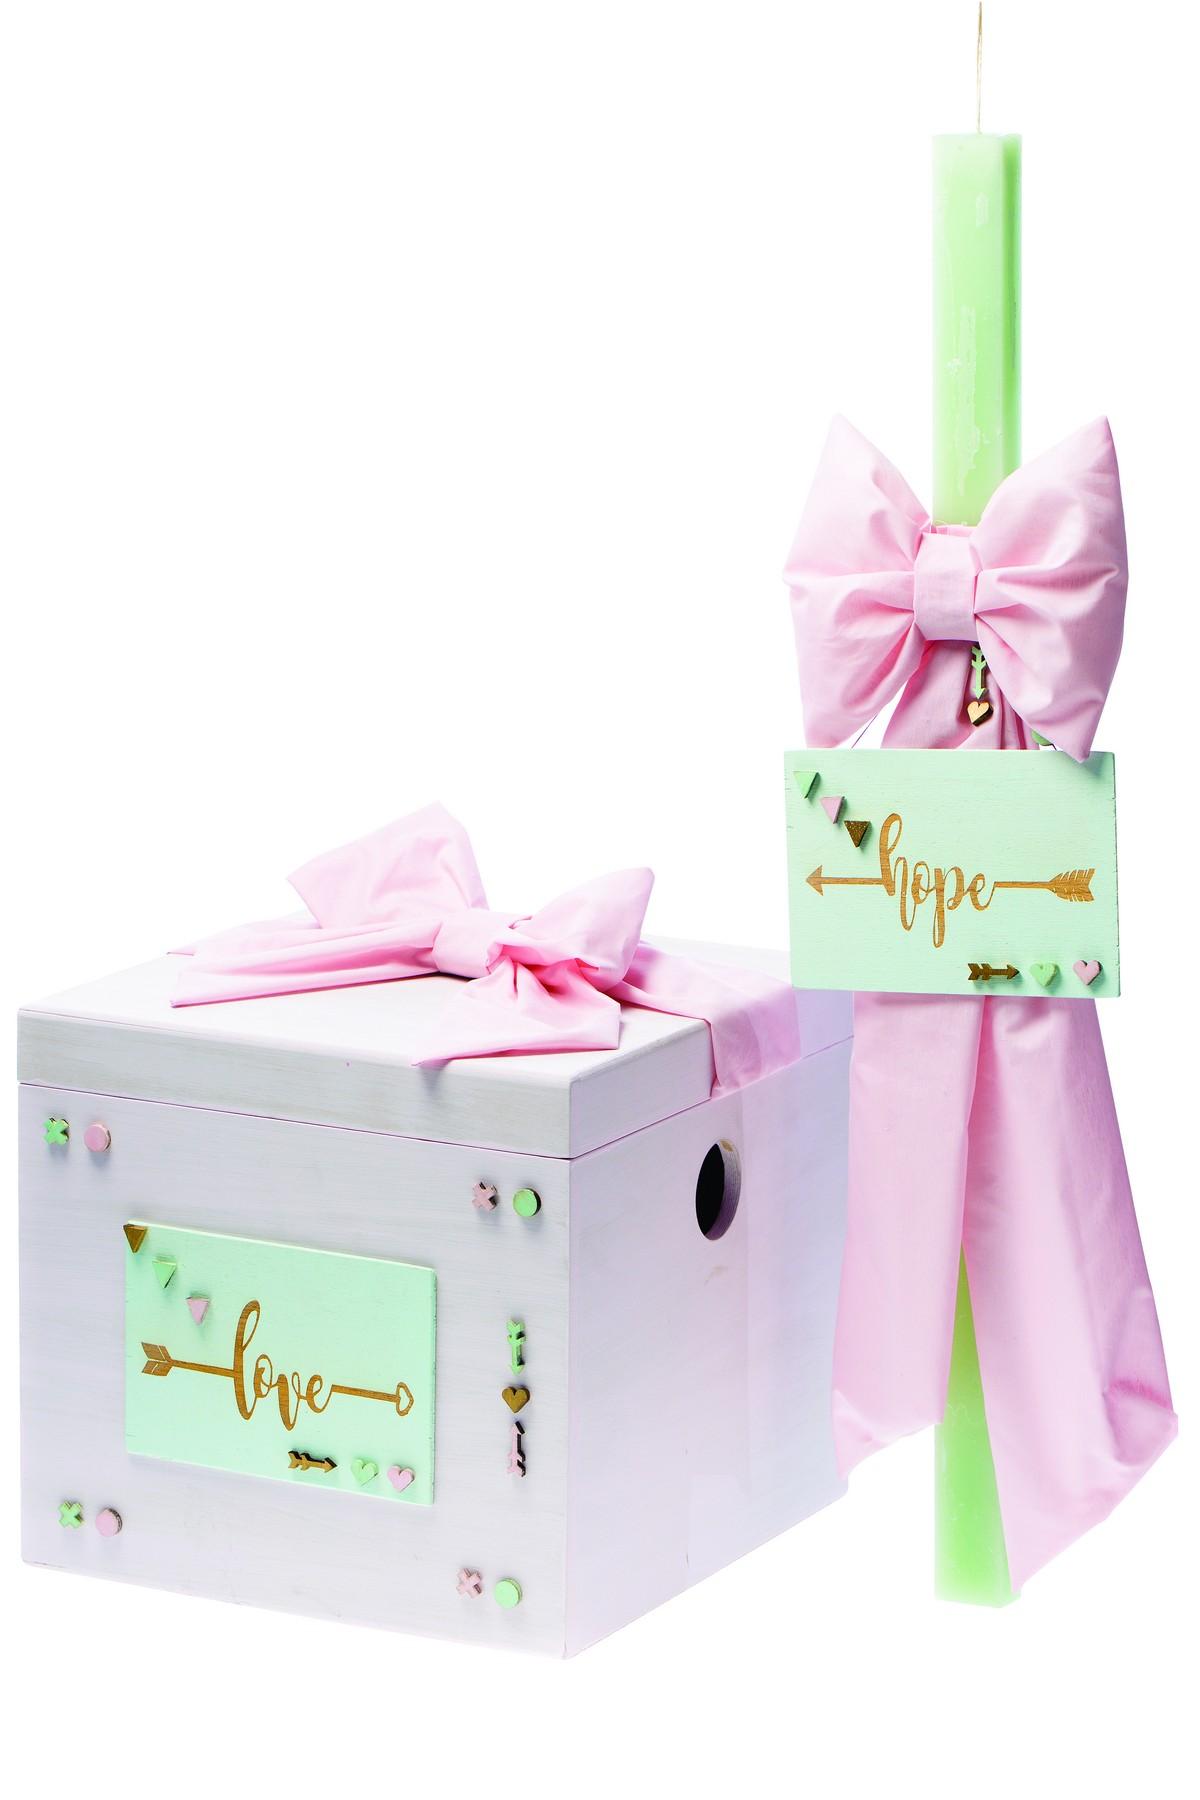 Λαμπάδα και Κουτί φυστικί-ροζ με καδράκι